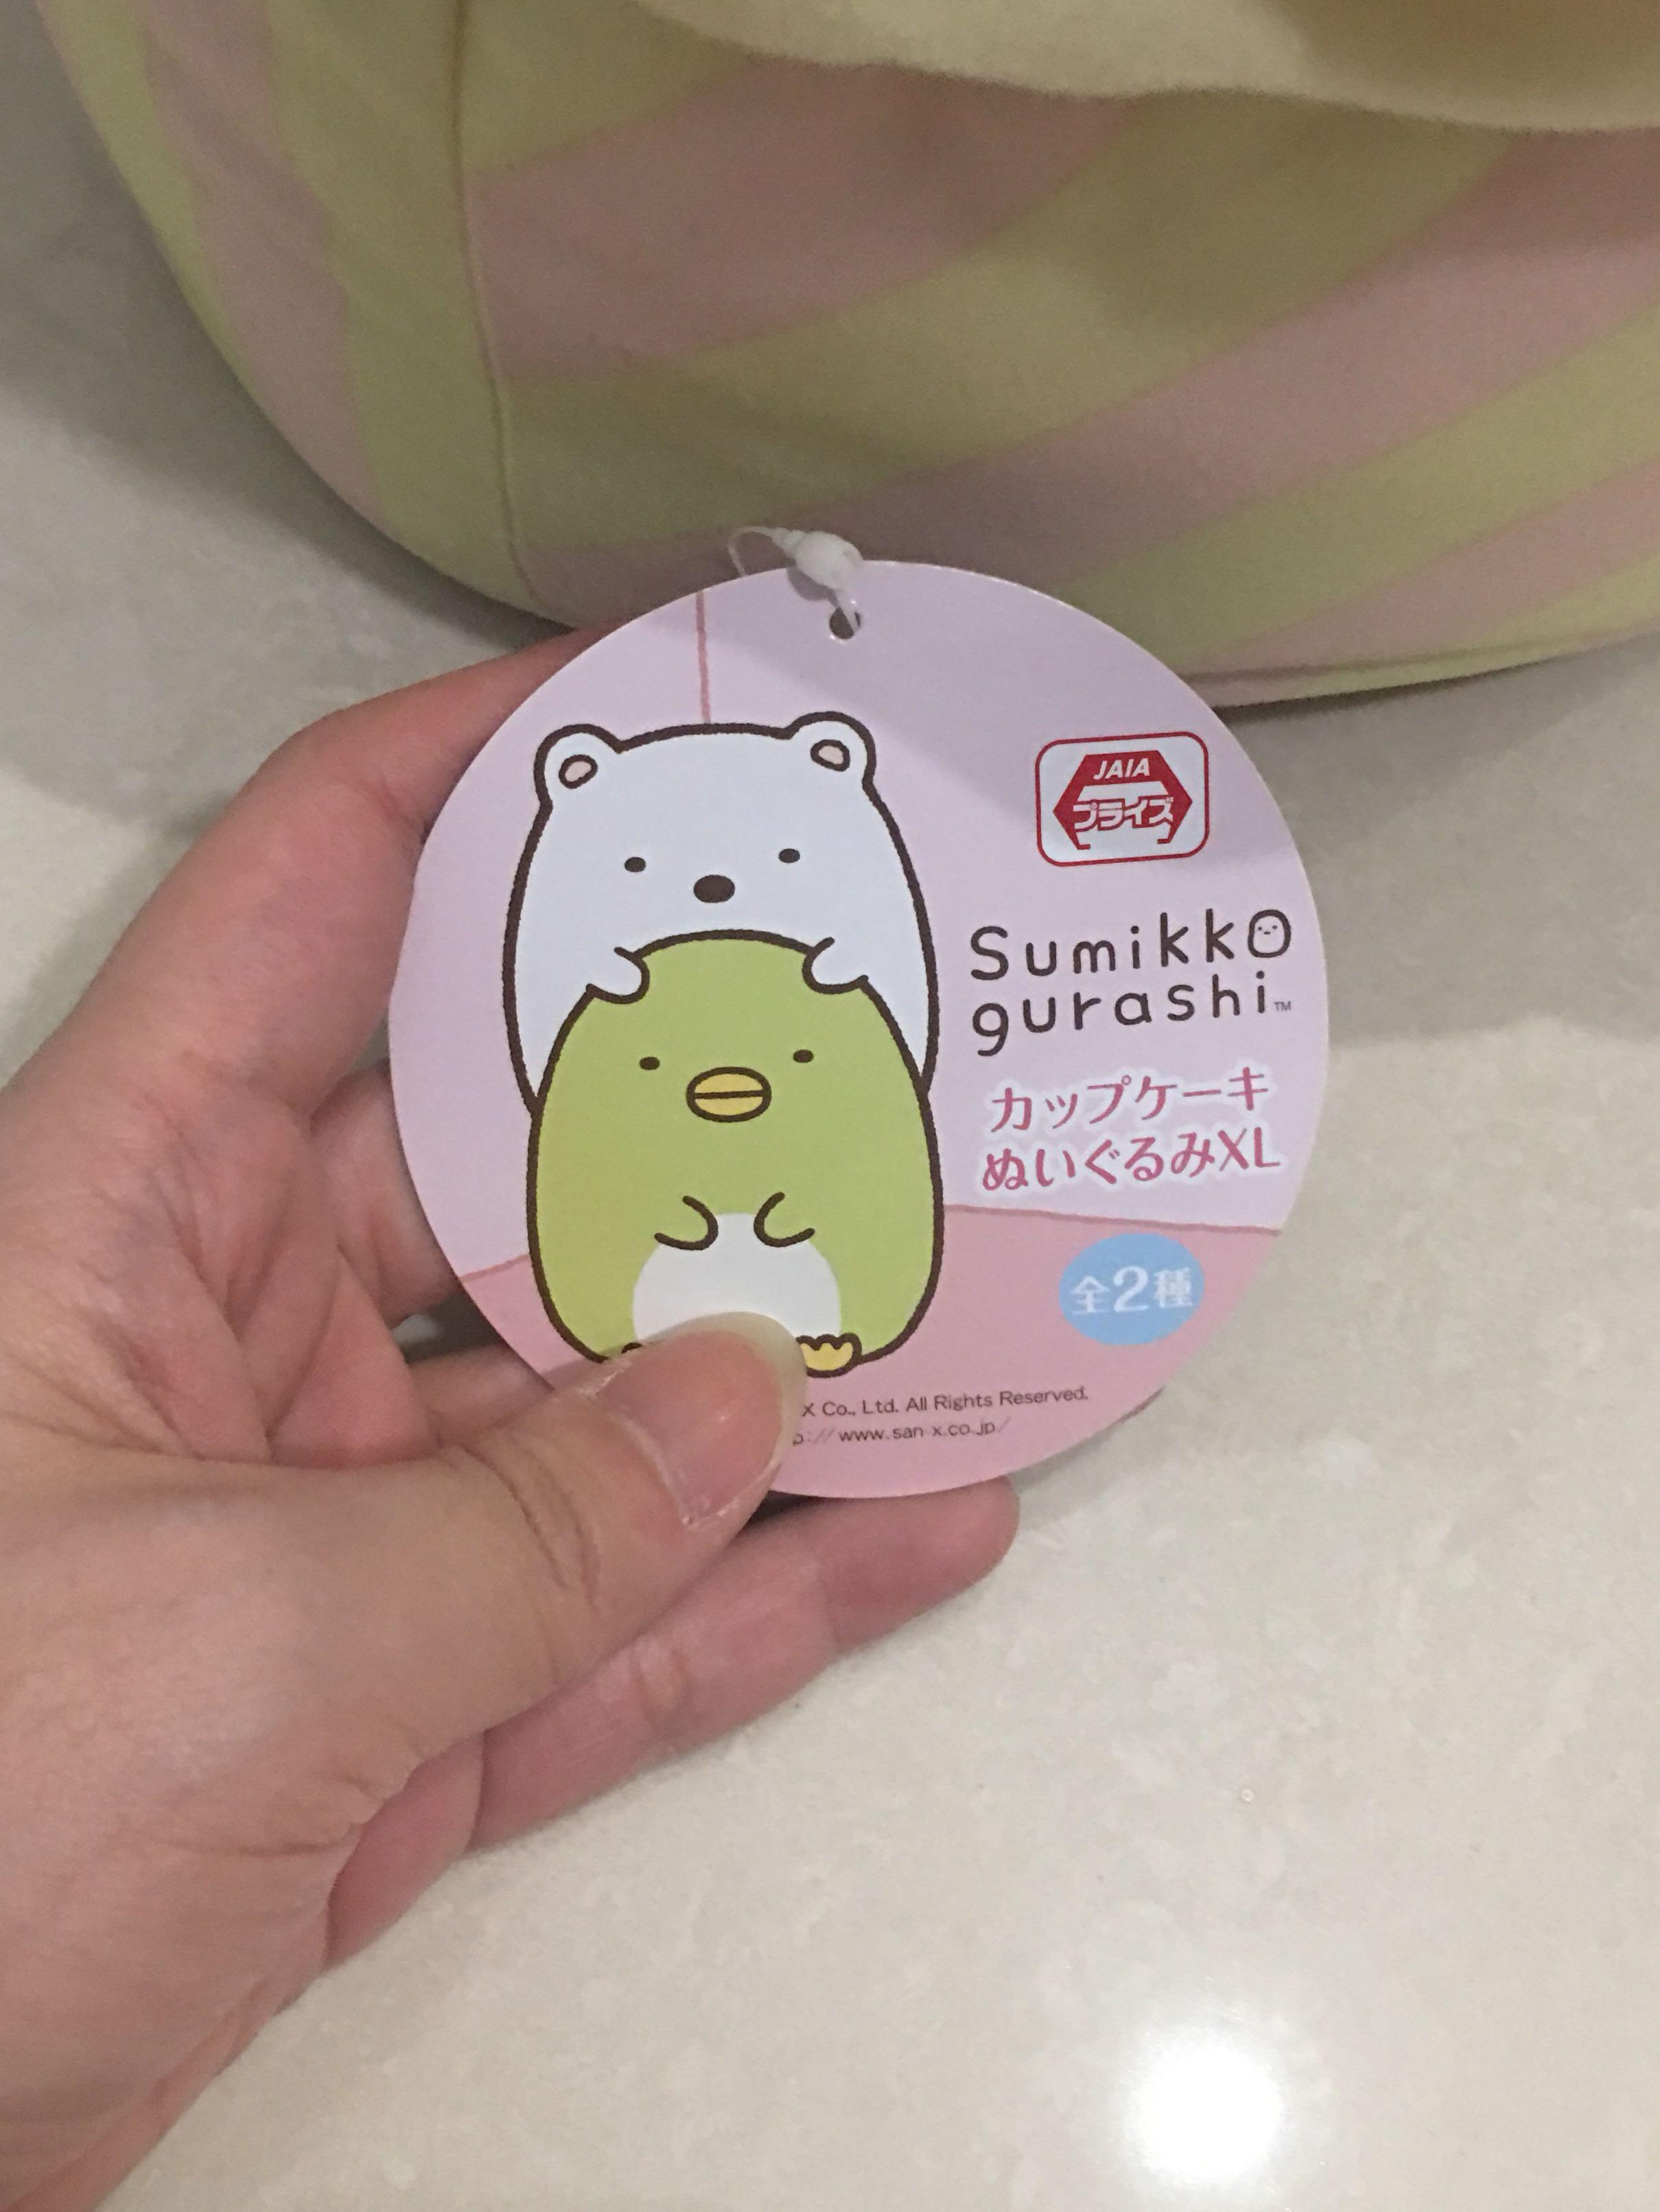 Sumikko Gurashi Cupcake Shirokuma / Polar Bear Plush